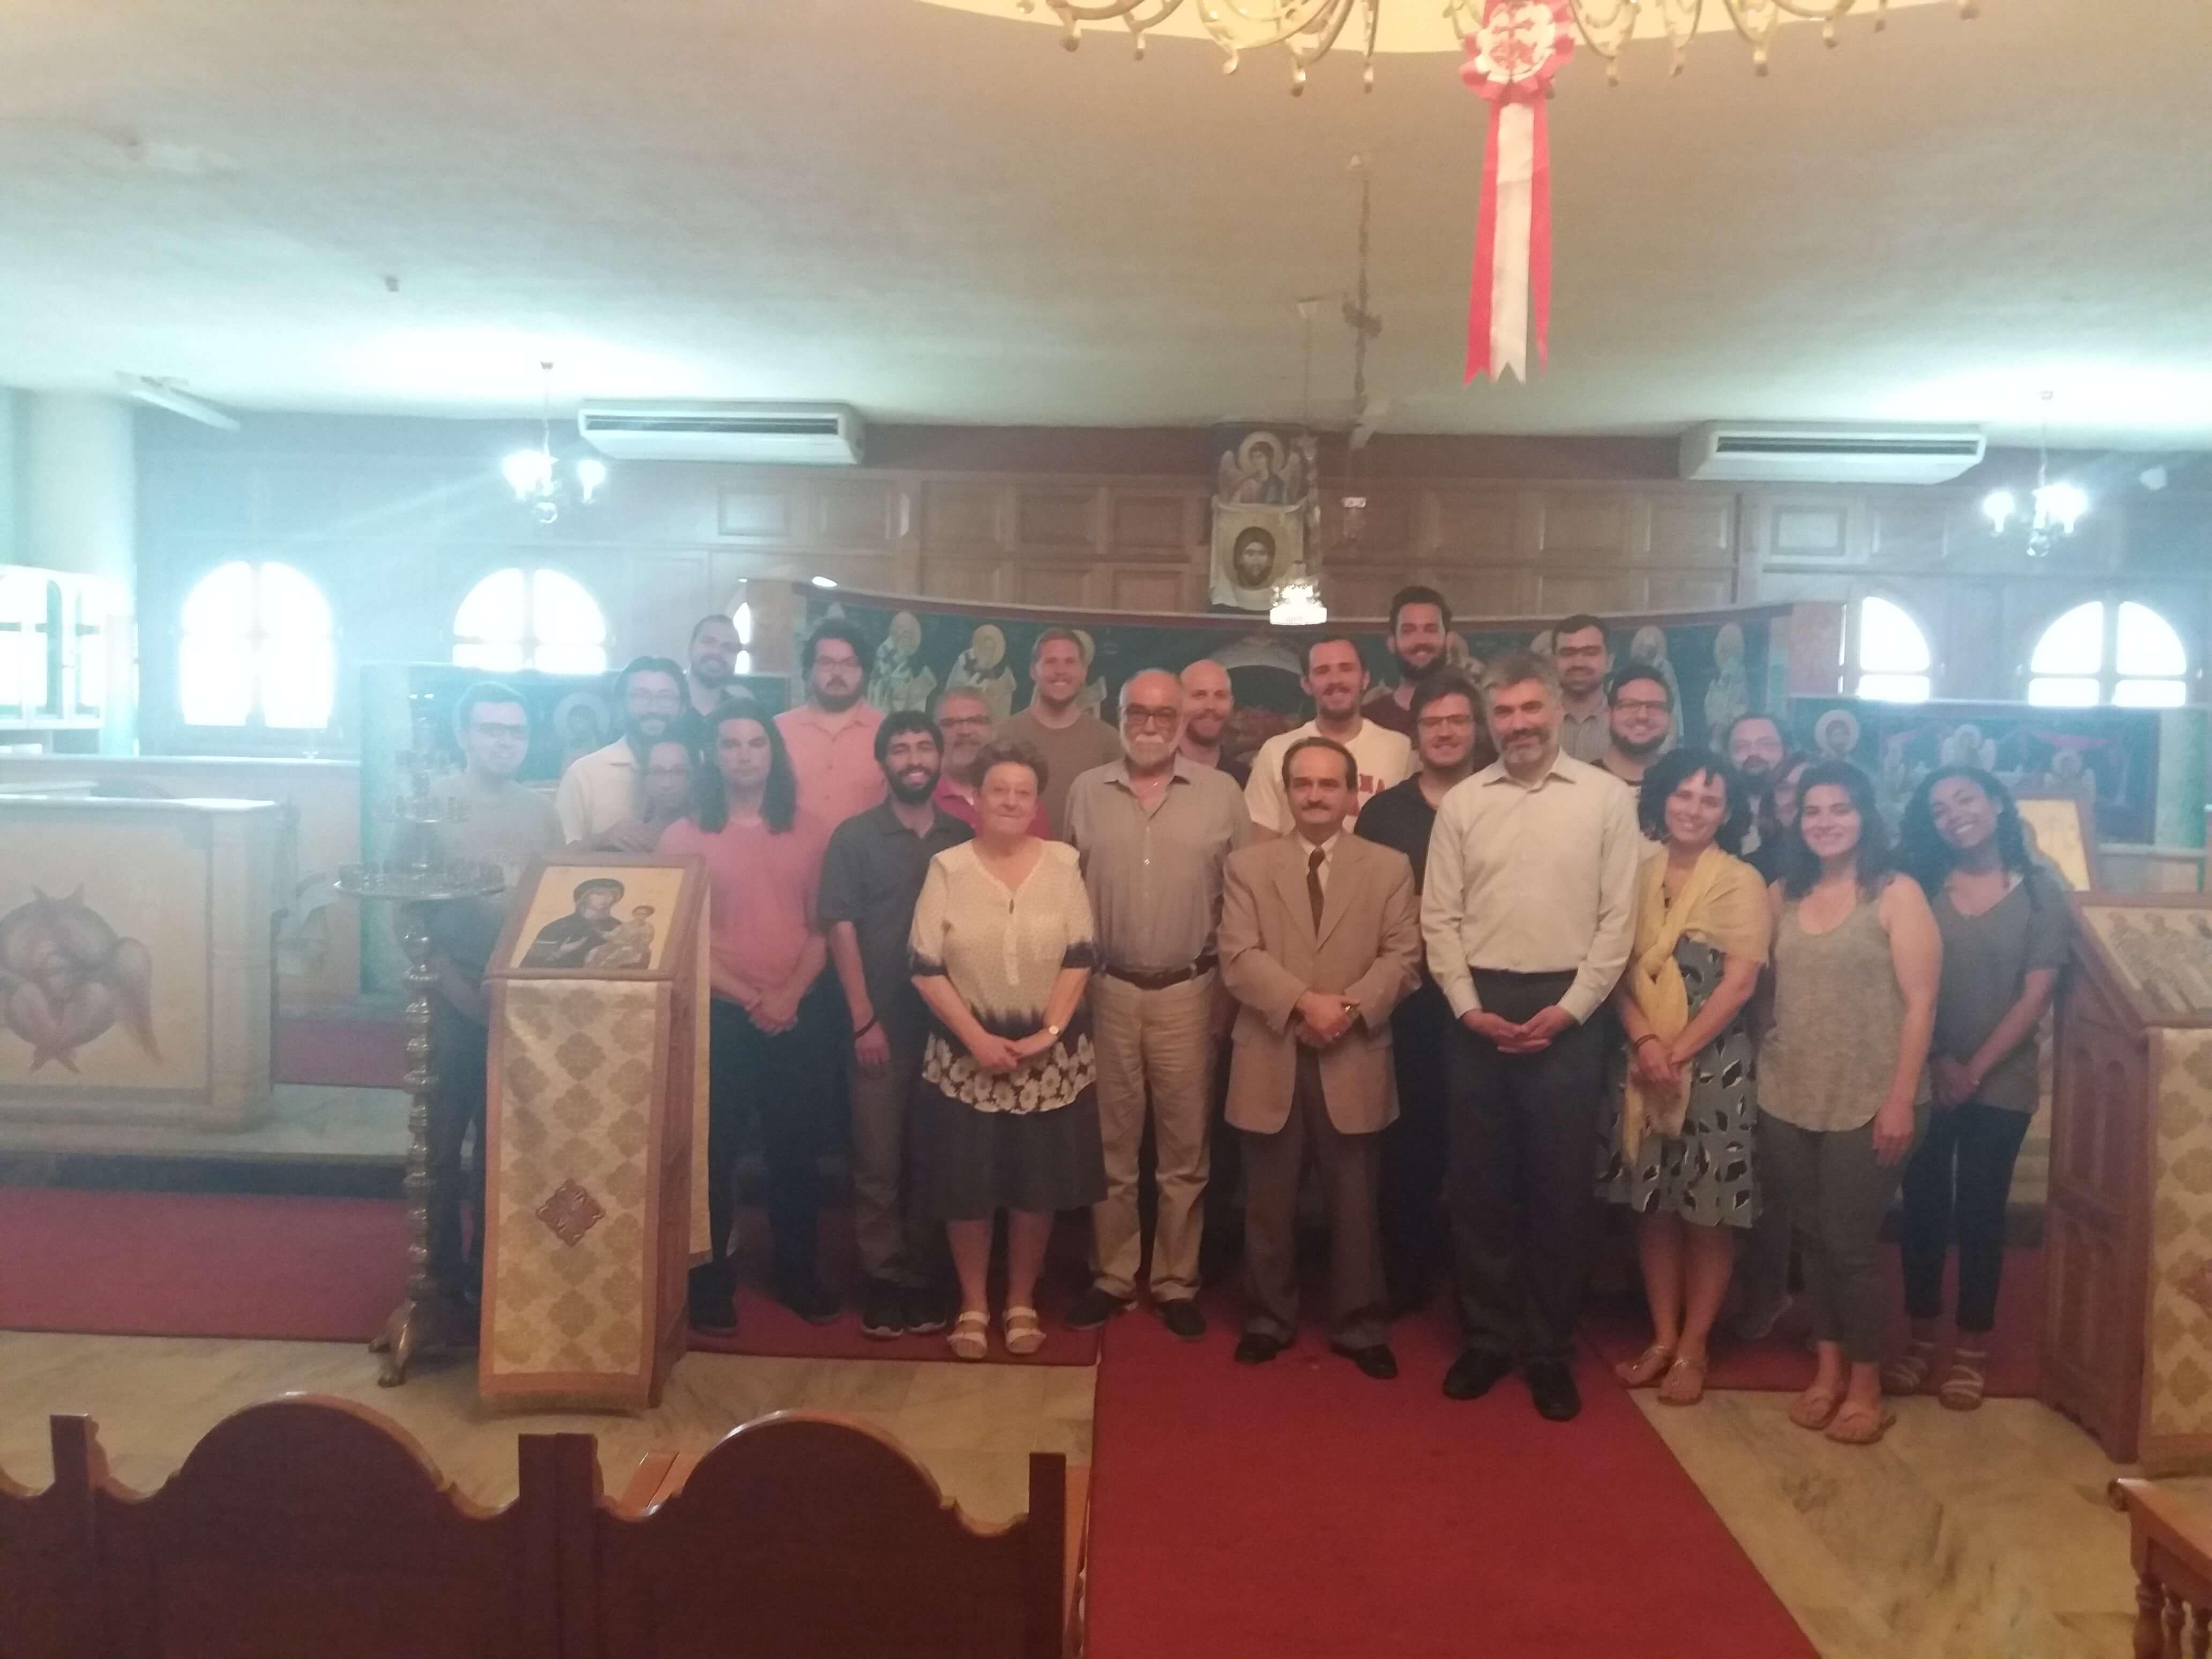 ΟΡΘΟΔΟΞΙΑ INFO Ι Απόφοιτοι από τη Θεολογική Σχολή της Βοστόνης στο Αριστοτέλειο της Θεσσαλονίκης